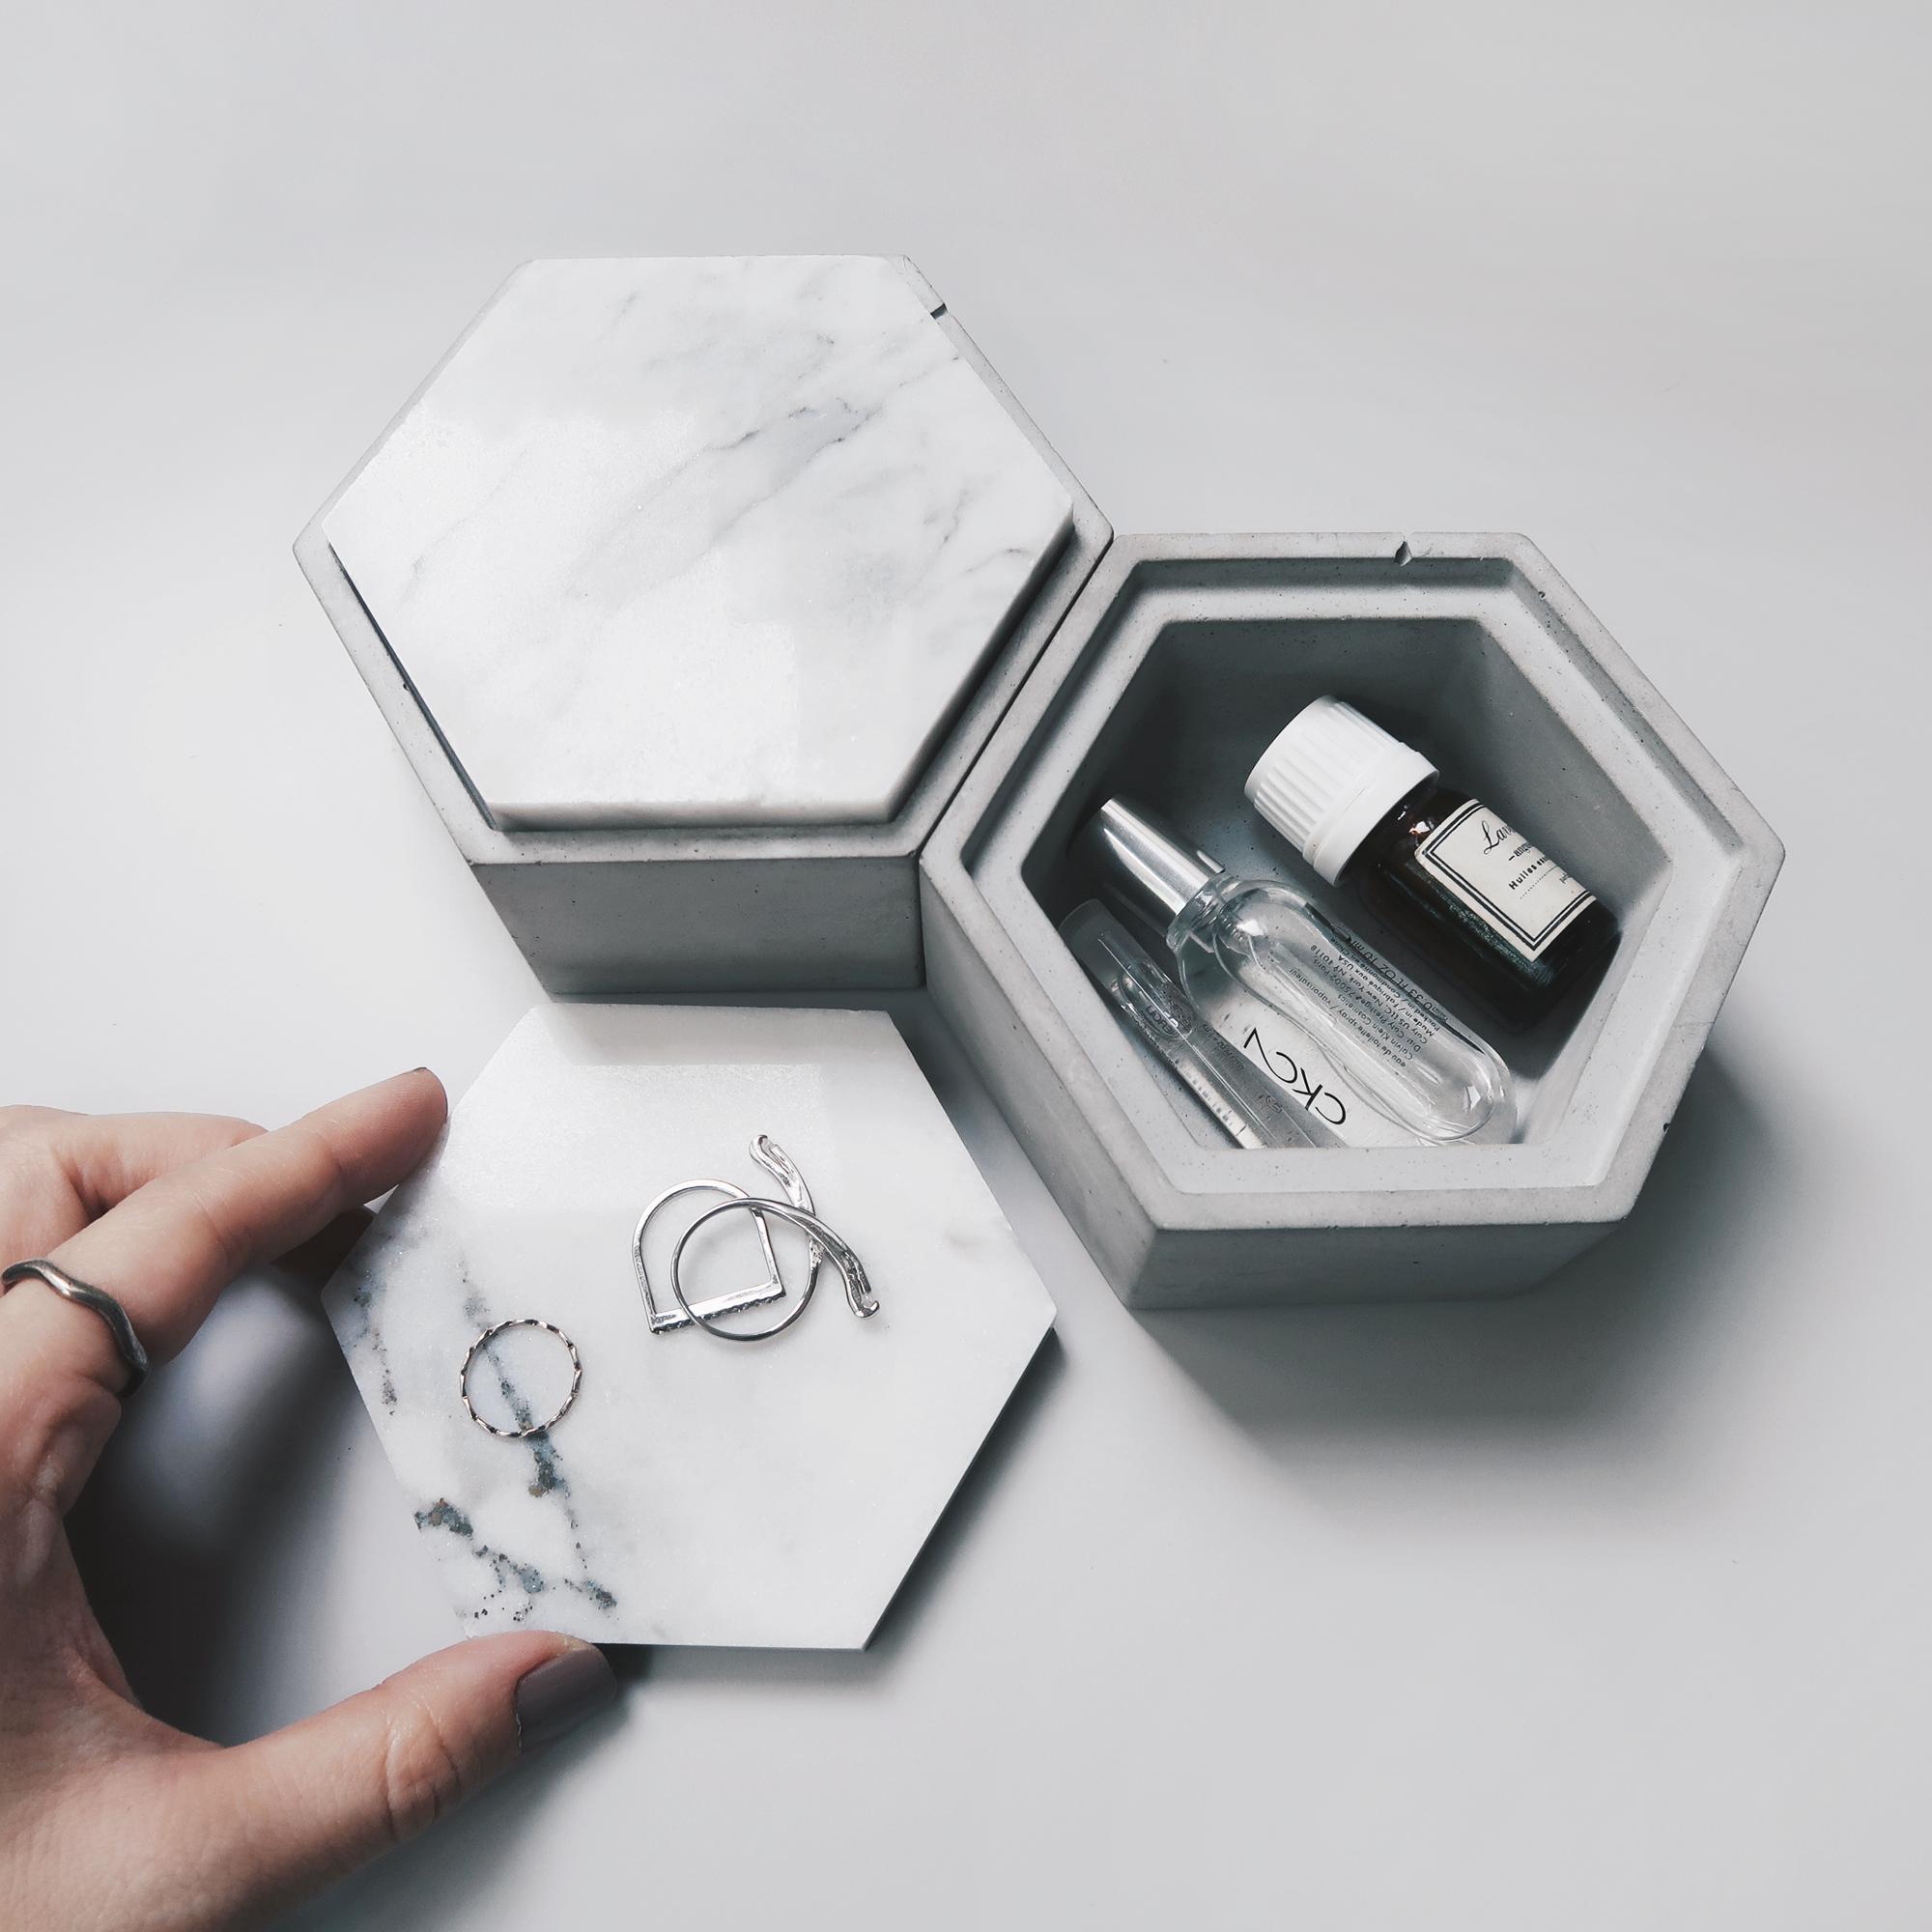 Concrete Design 雲岩六角大理石蓋水泥收納容器・飾品盒・儲物盒